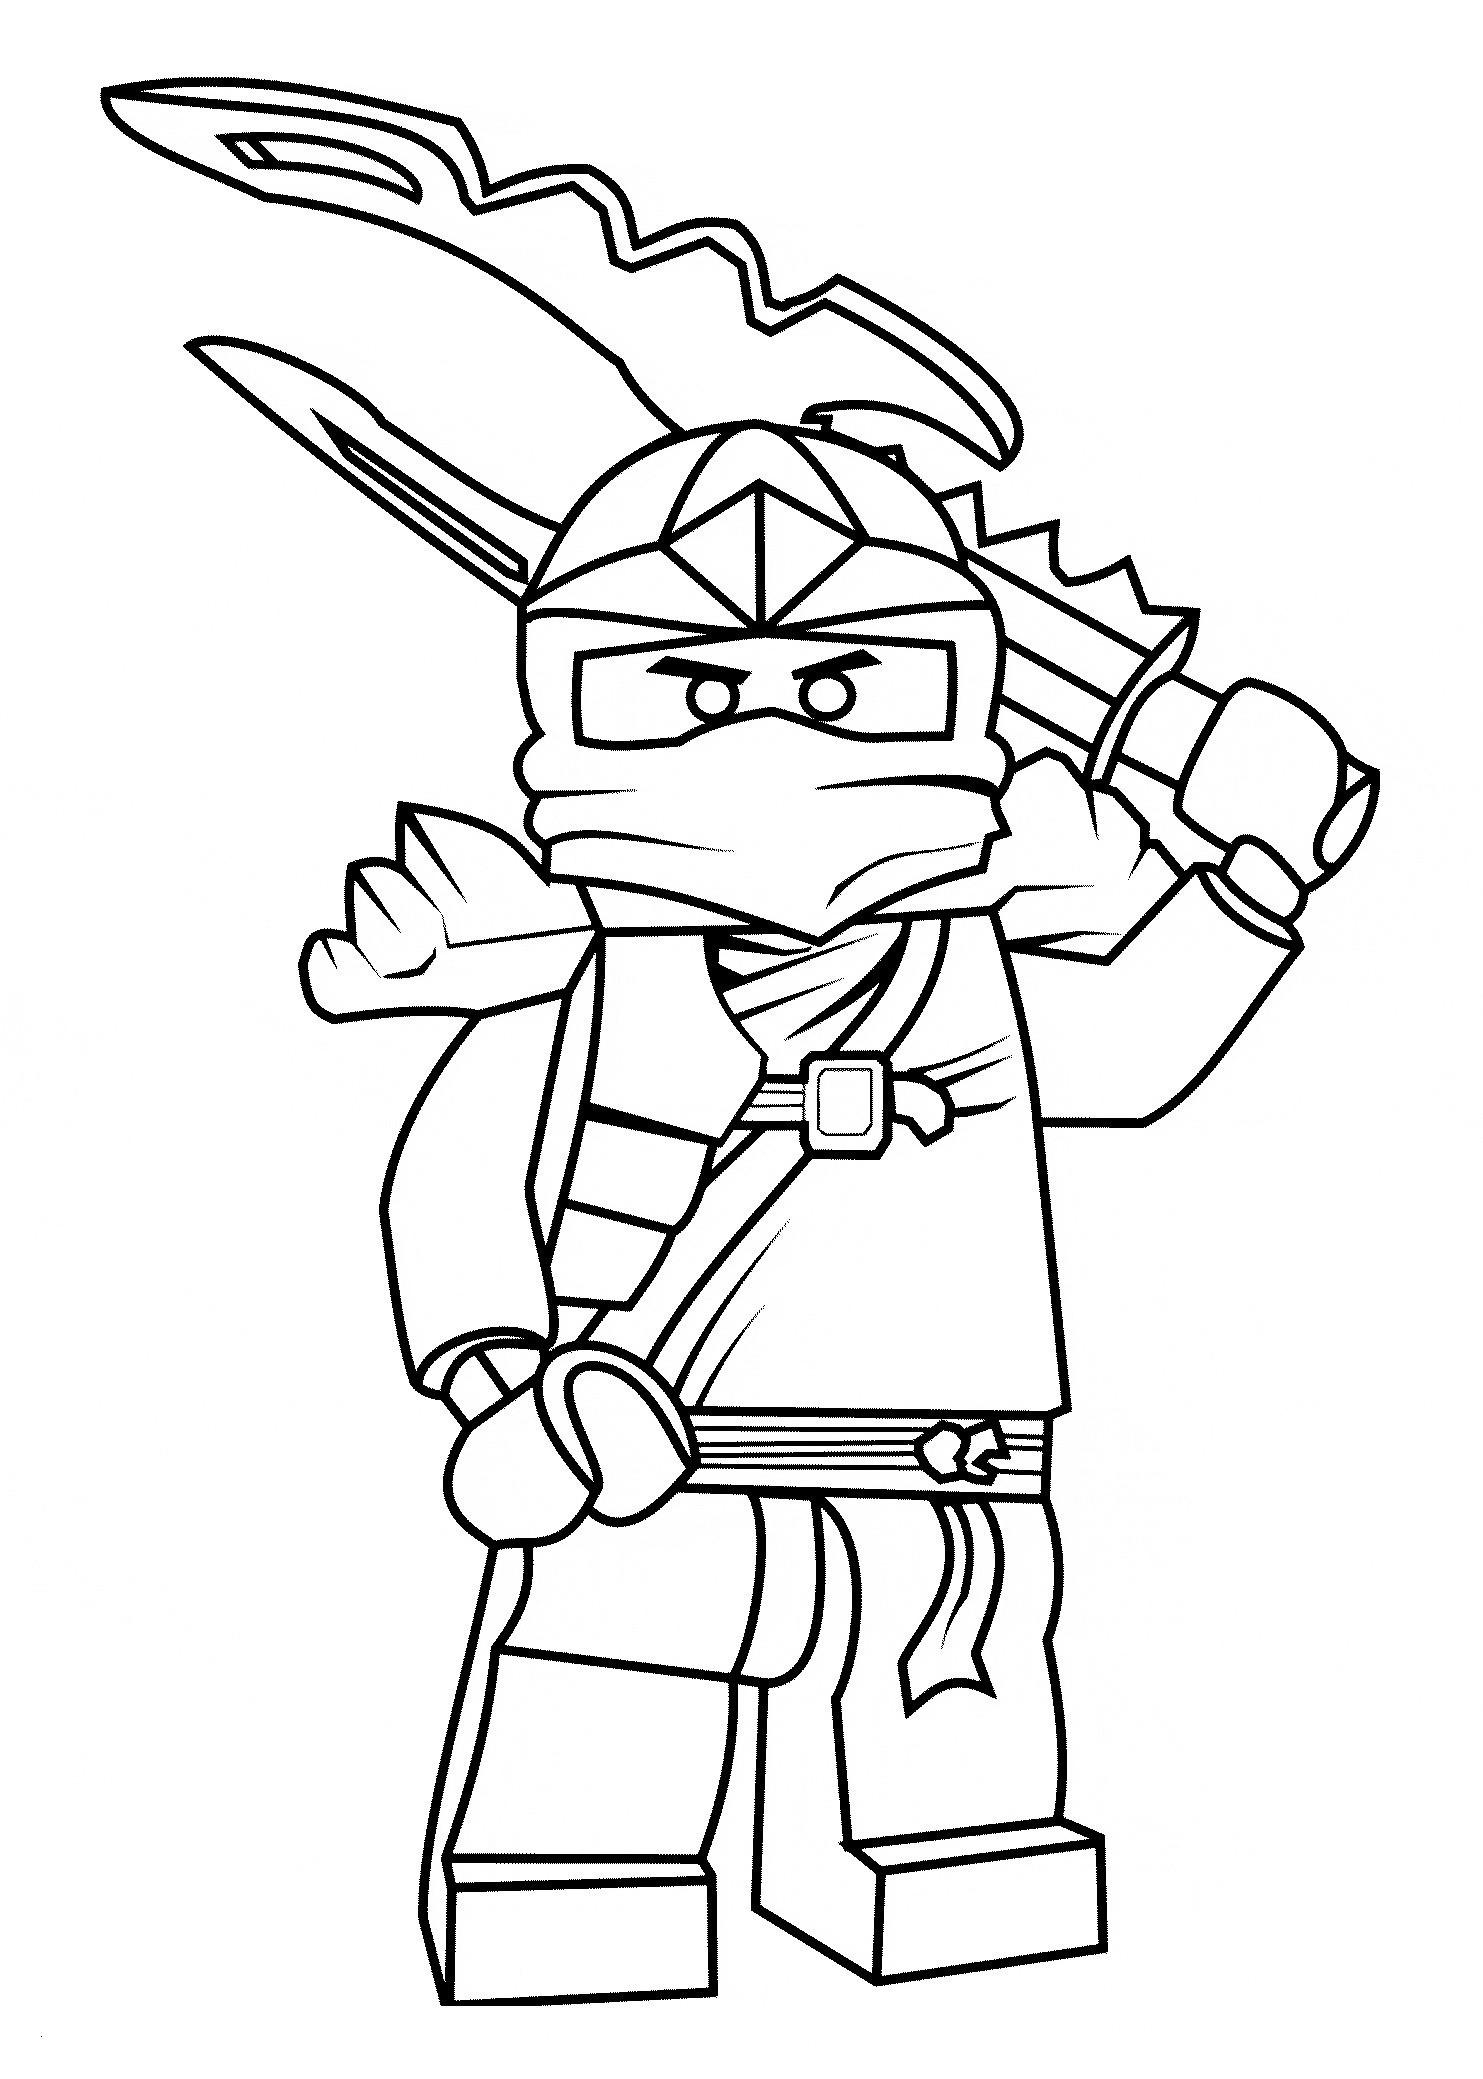 Robin Hood Ausmalbild Neu Ausmalbilder Ninjago Schlange Neu Malvorlagen Ninjago Lloyd Schön Stock